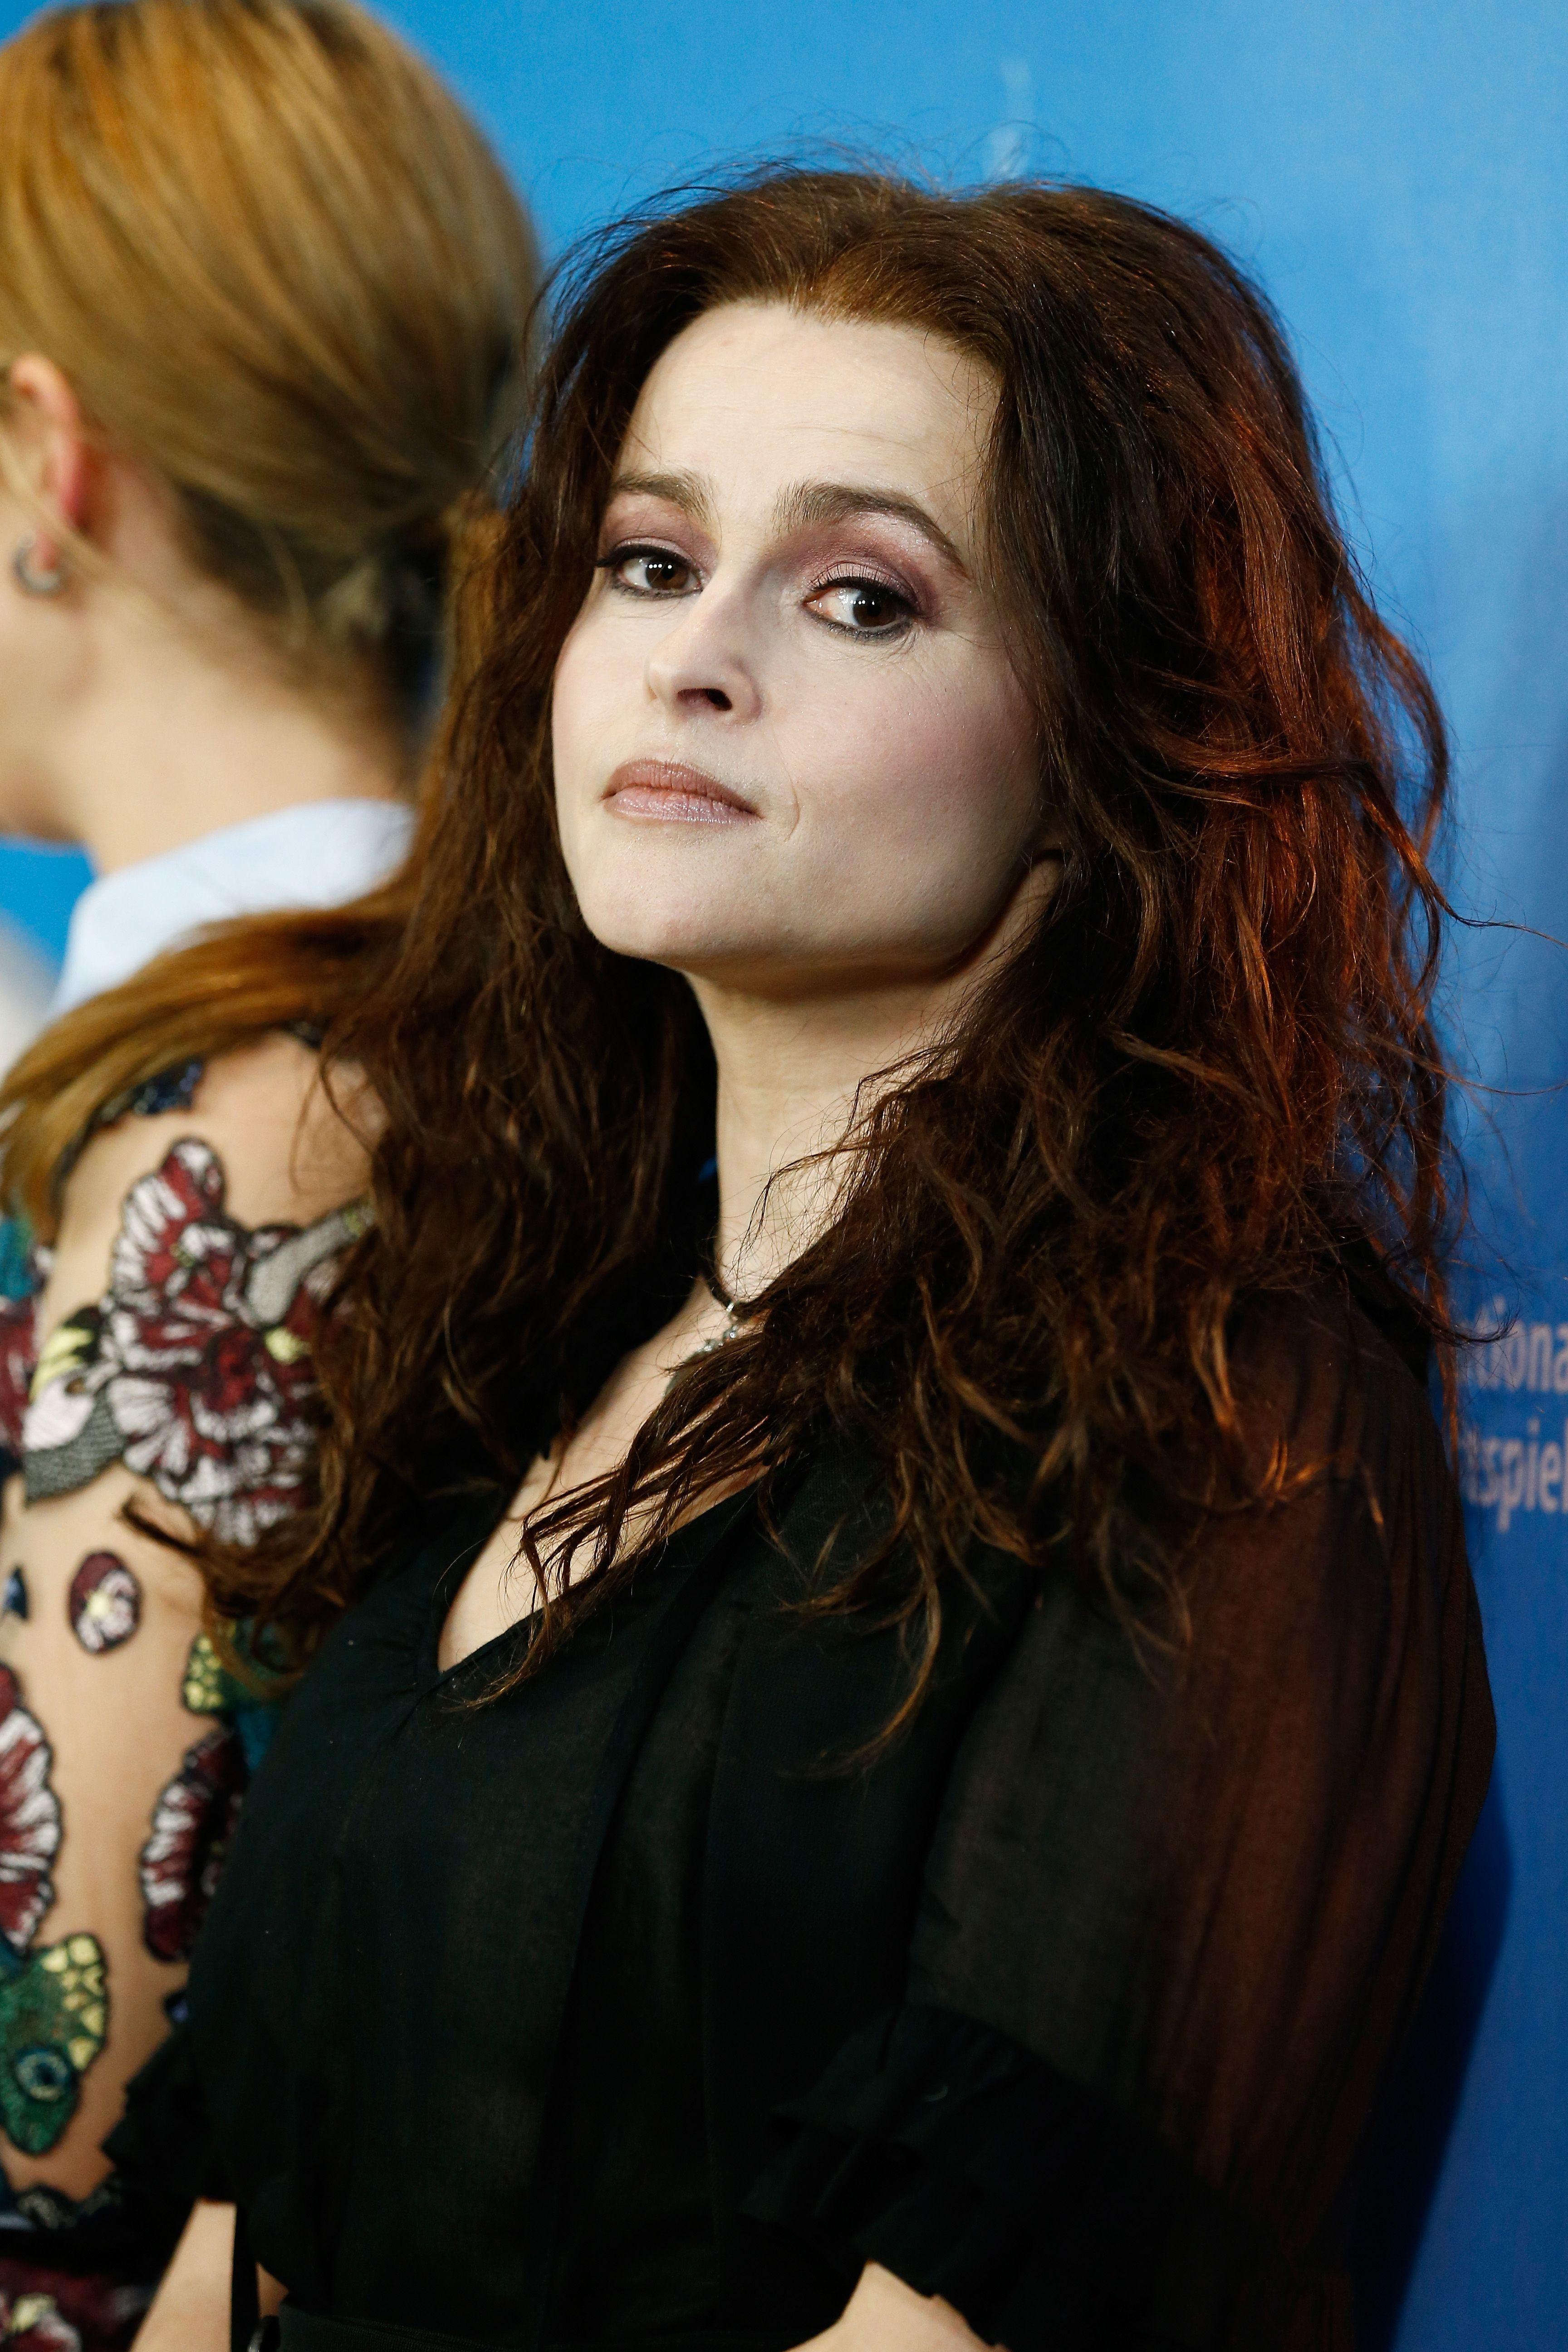 beauty helena bonham carter, best actress ever!!   favorite